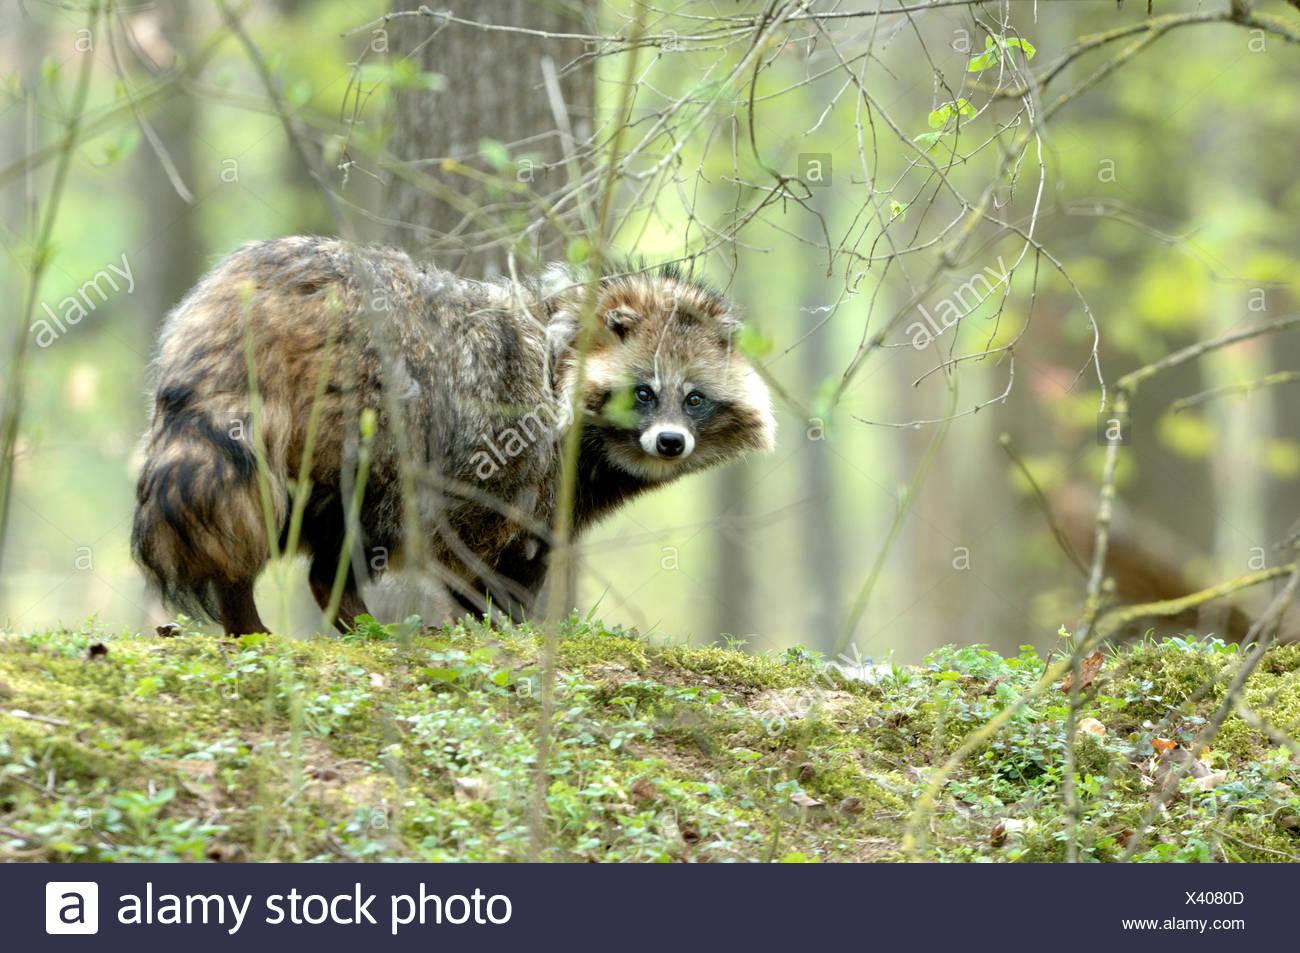 El perro mapache Nyctereutes procyonoides Enok cánidos depredadores primavera inmigraron animales silvestres invasoras animales fur fur huir live Imagen De Stock